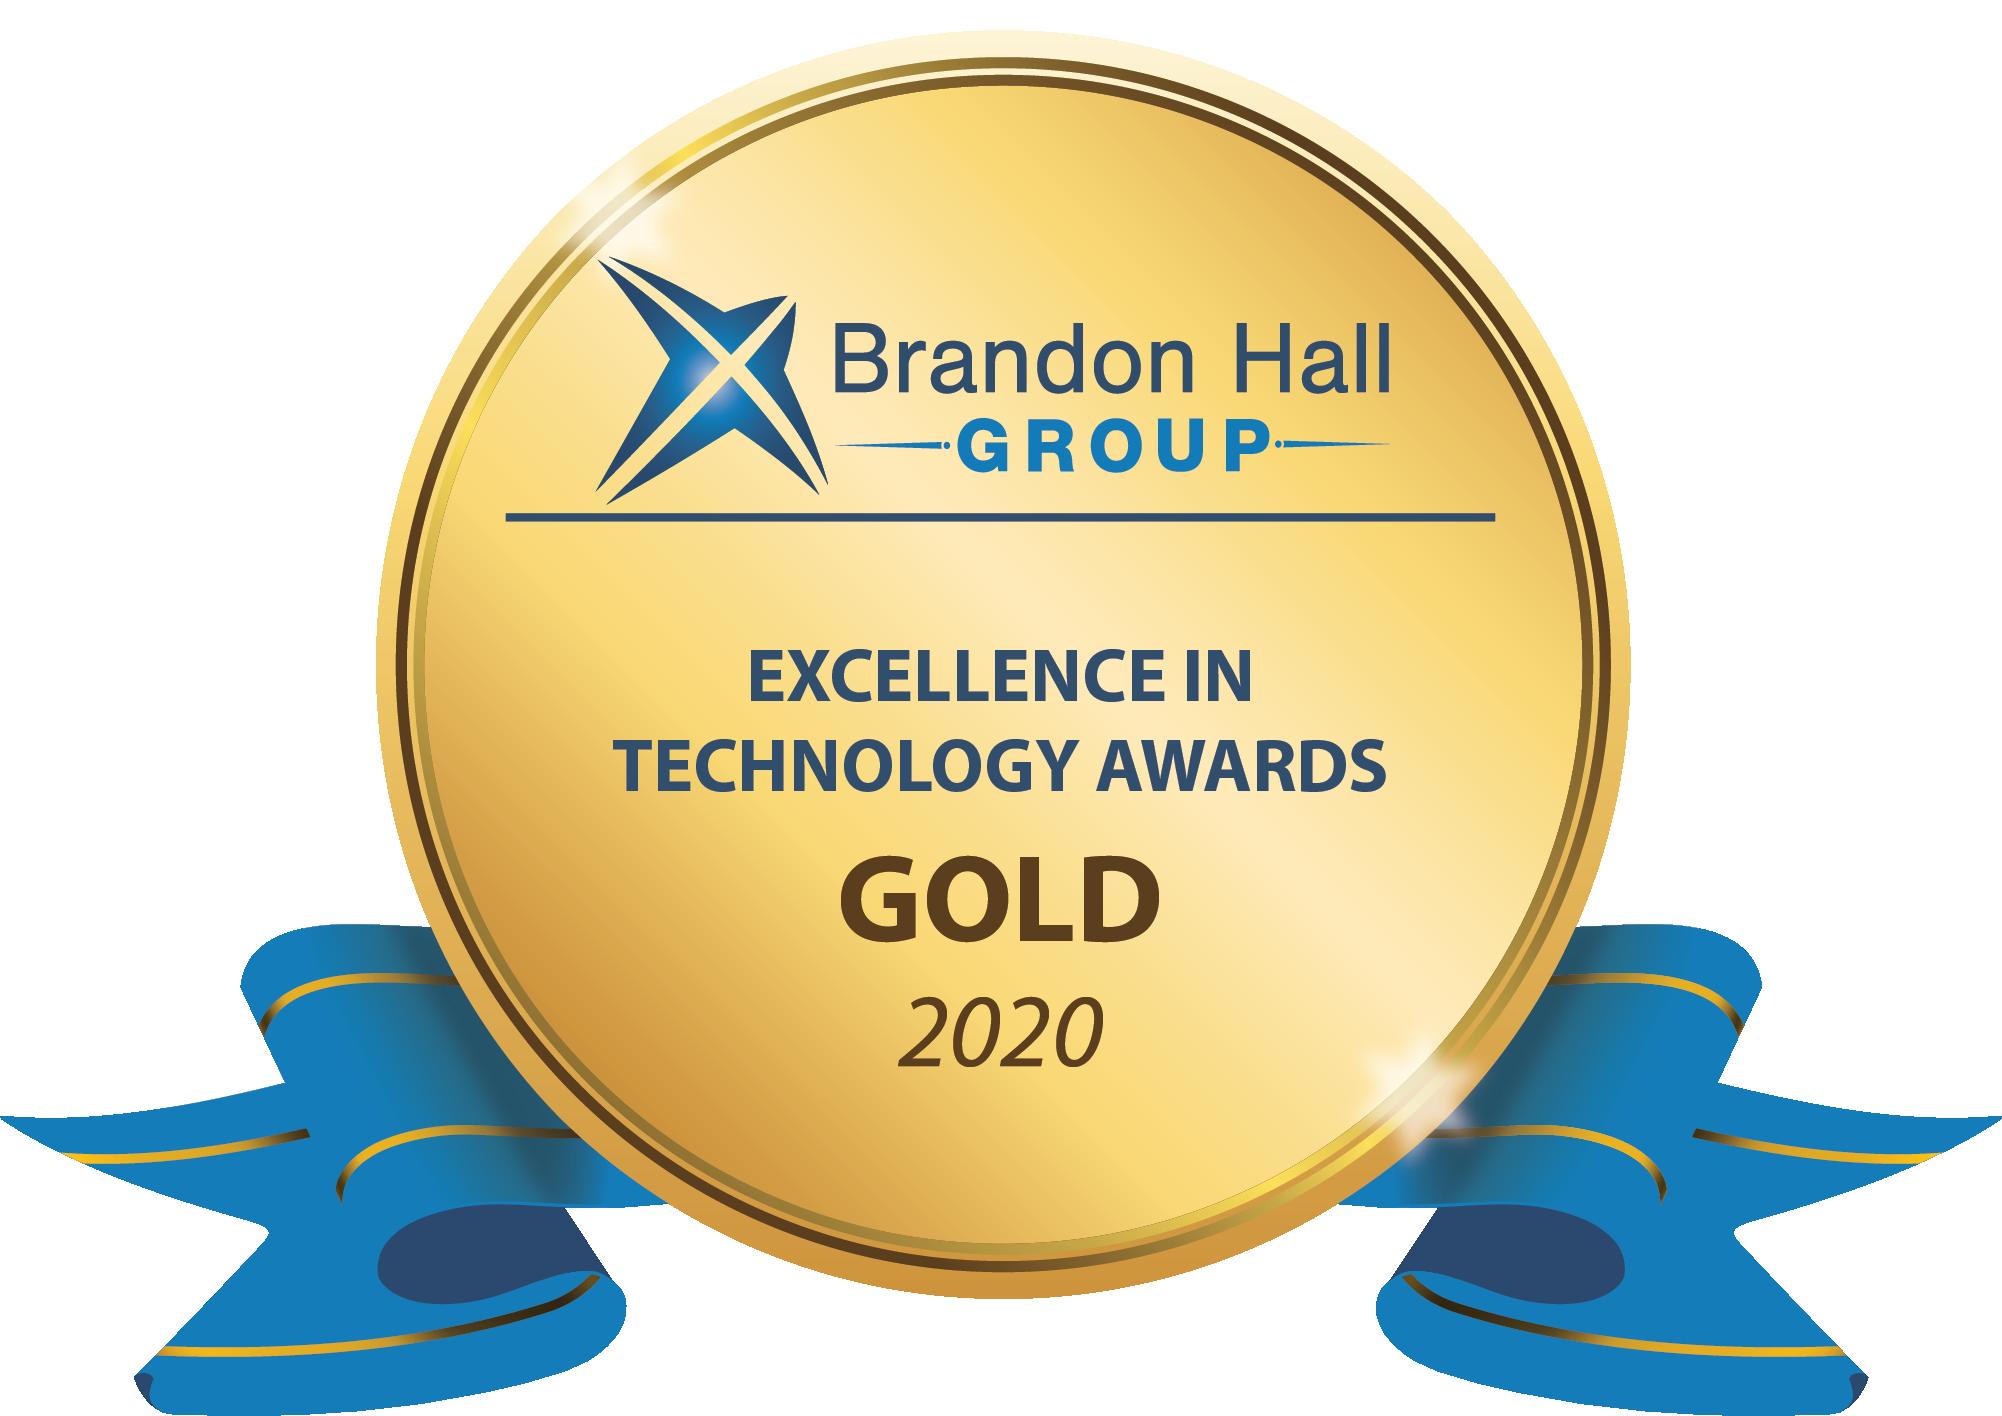 Engagedly Inc. Wins Three Awards At Brandon Hall Tech Awards 2020